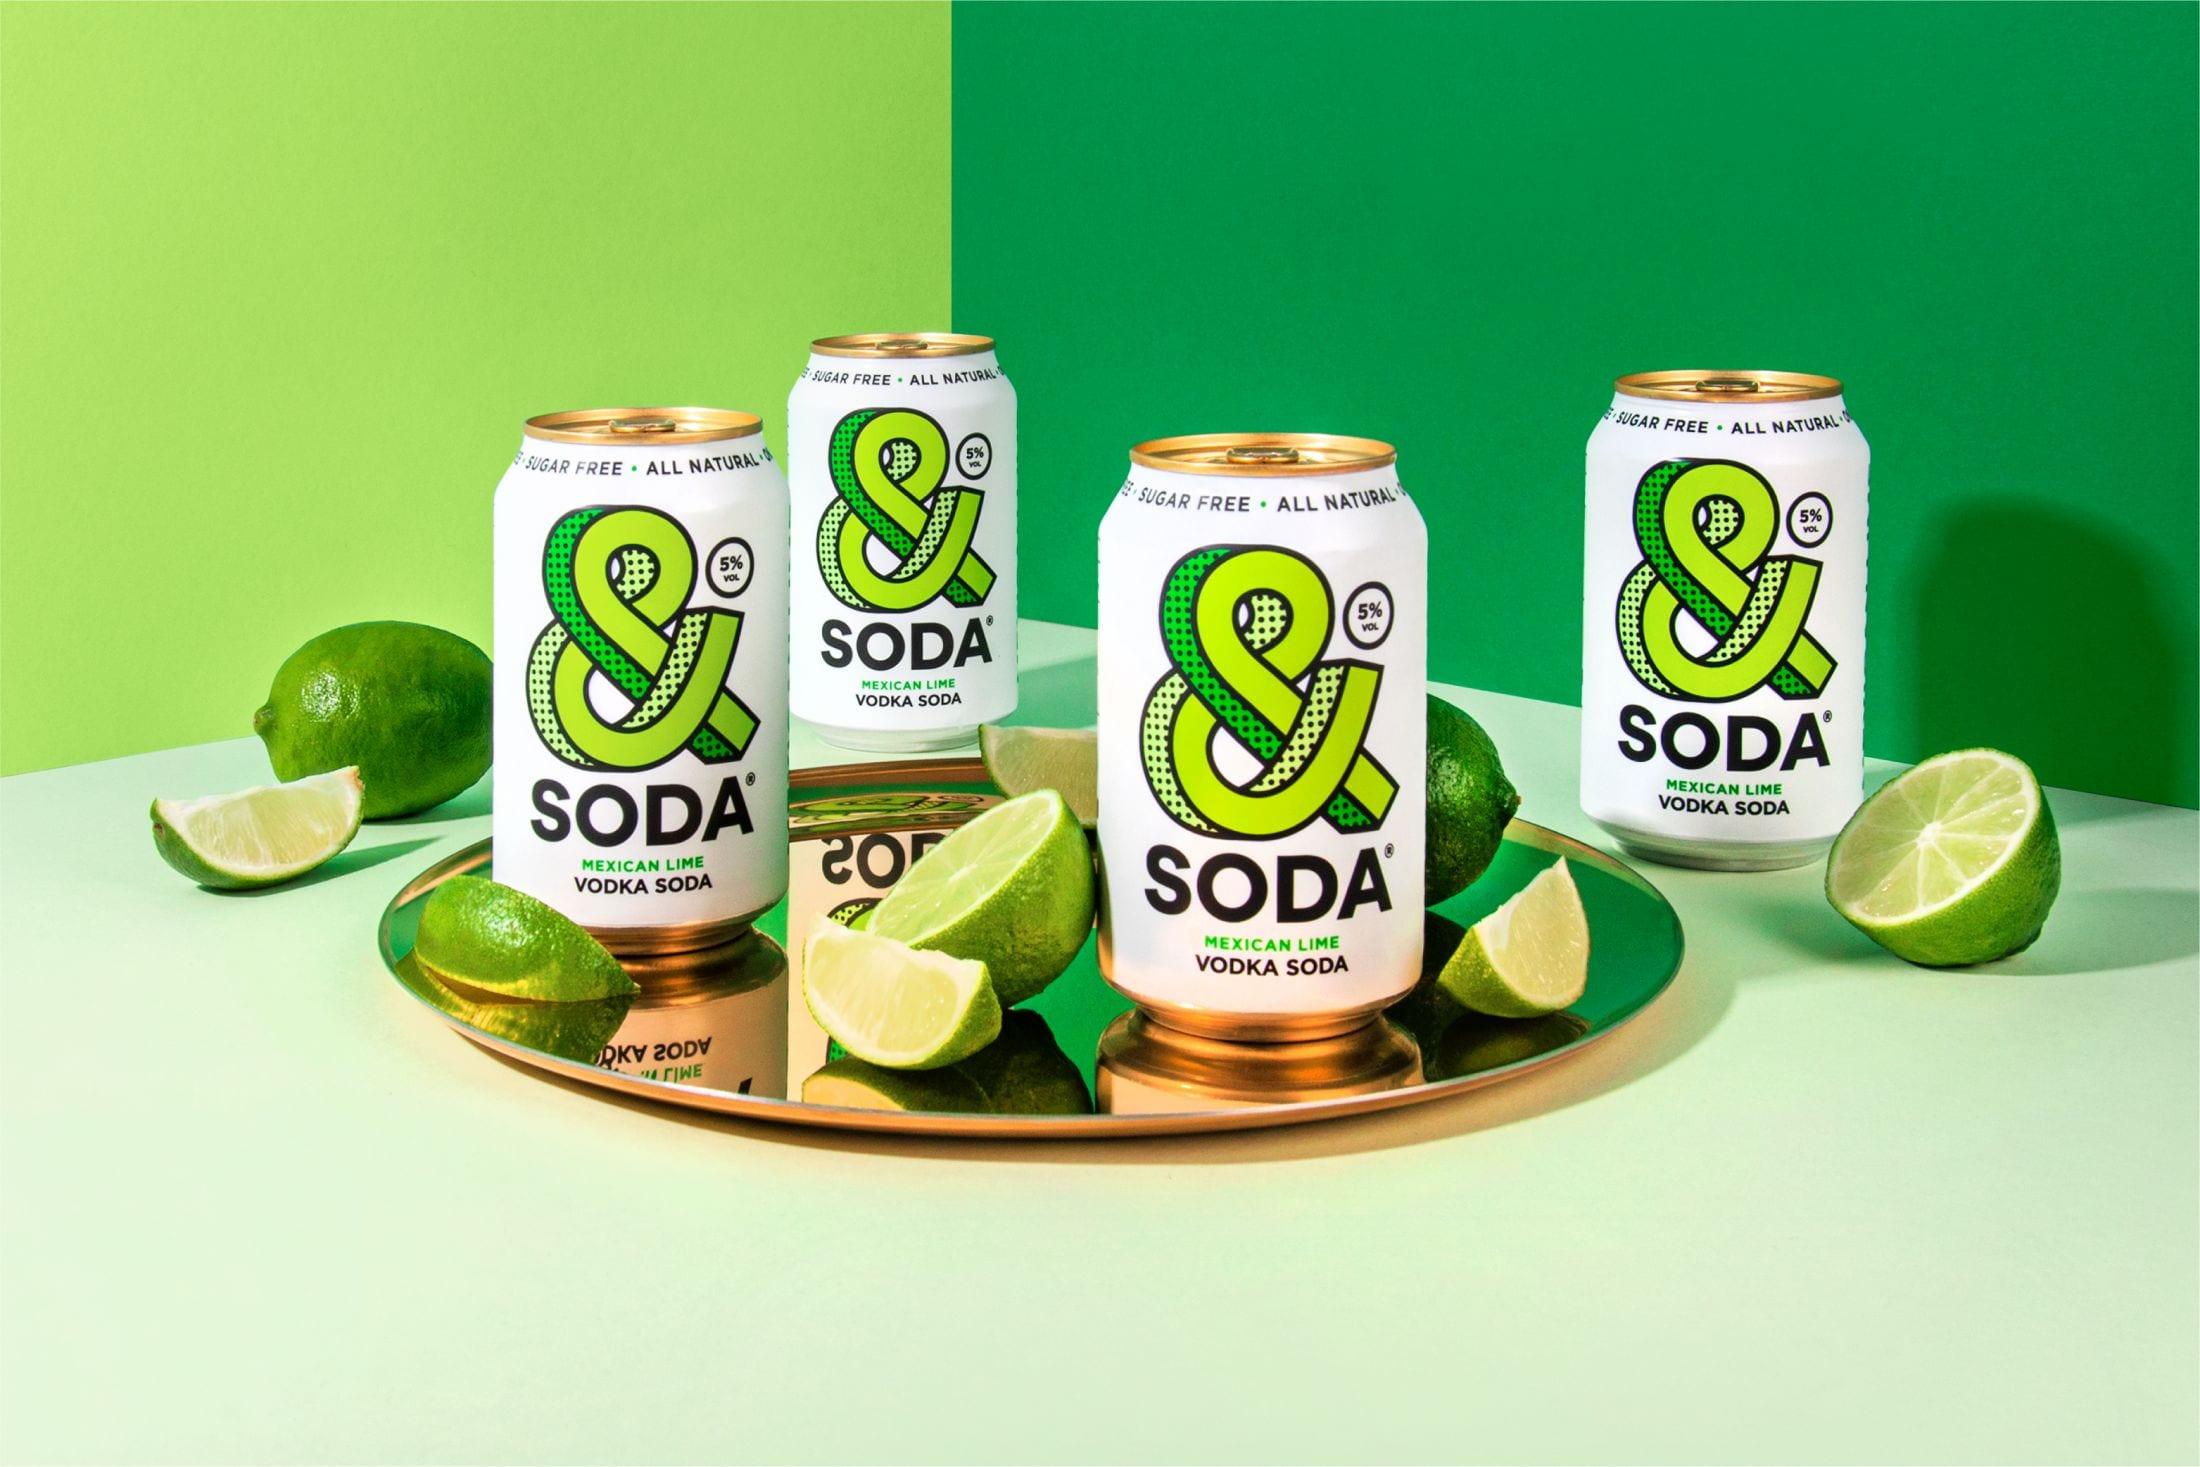 """a6fa8821ca5be8e1e2e402bf3e8e96ec61fe5e11 2200 - Svěží a ovocná identita pro novou alternativu """"čistého pití"""" &Soda od společnosti Analogue"""